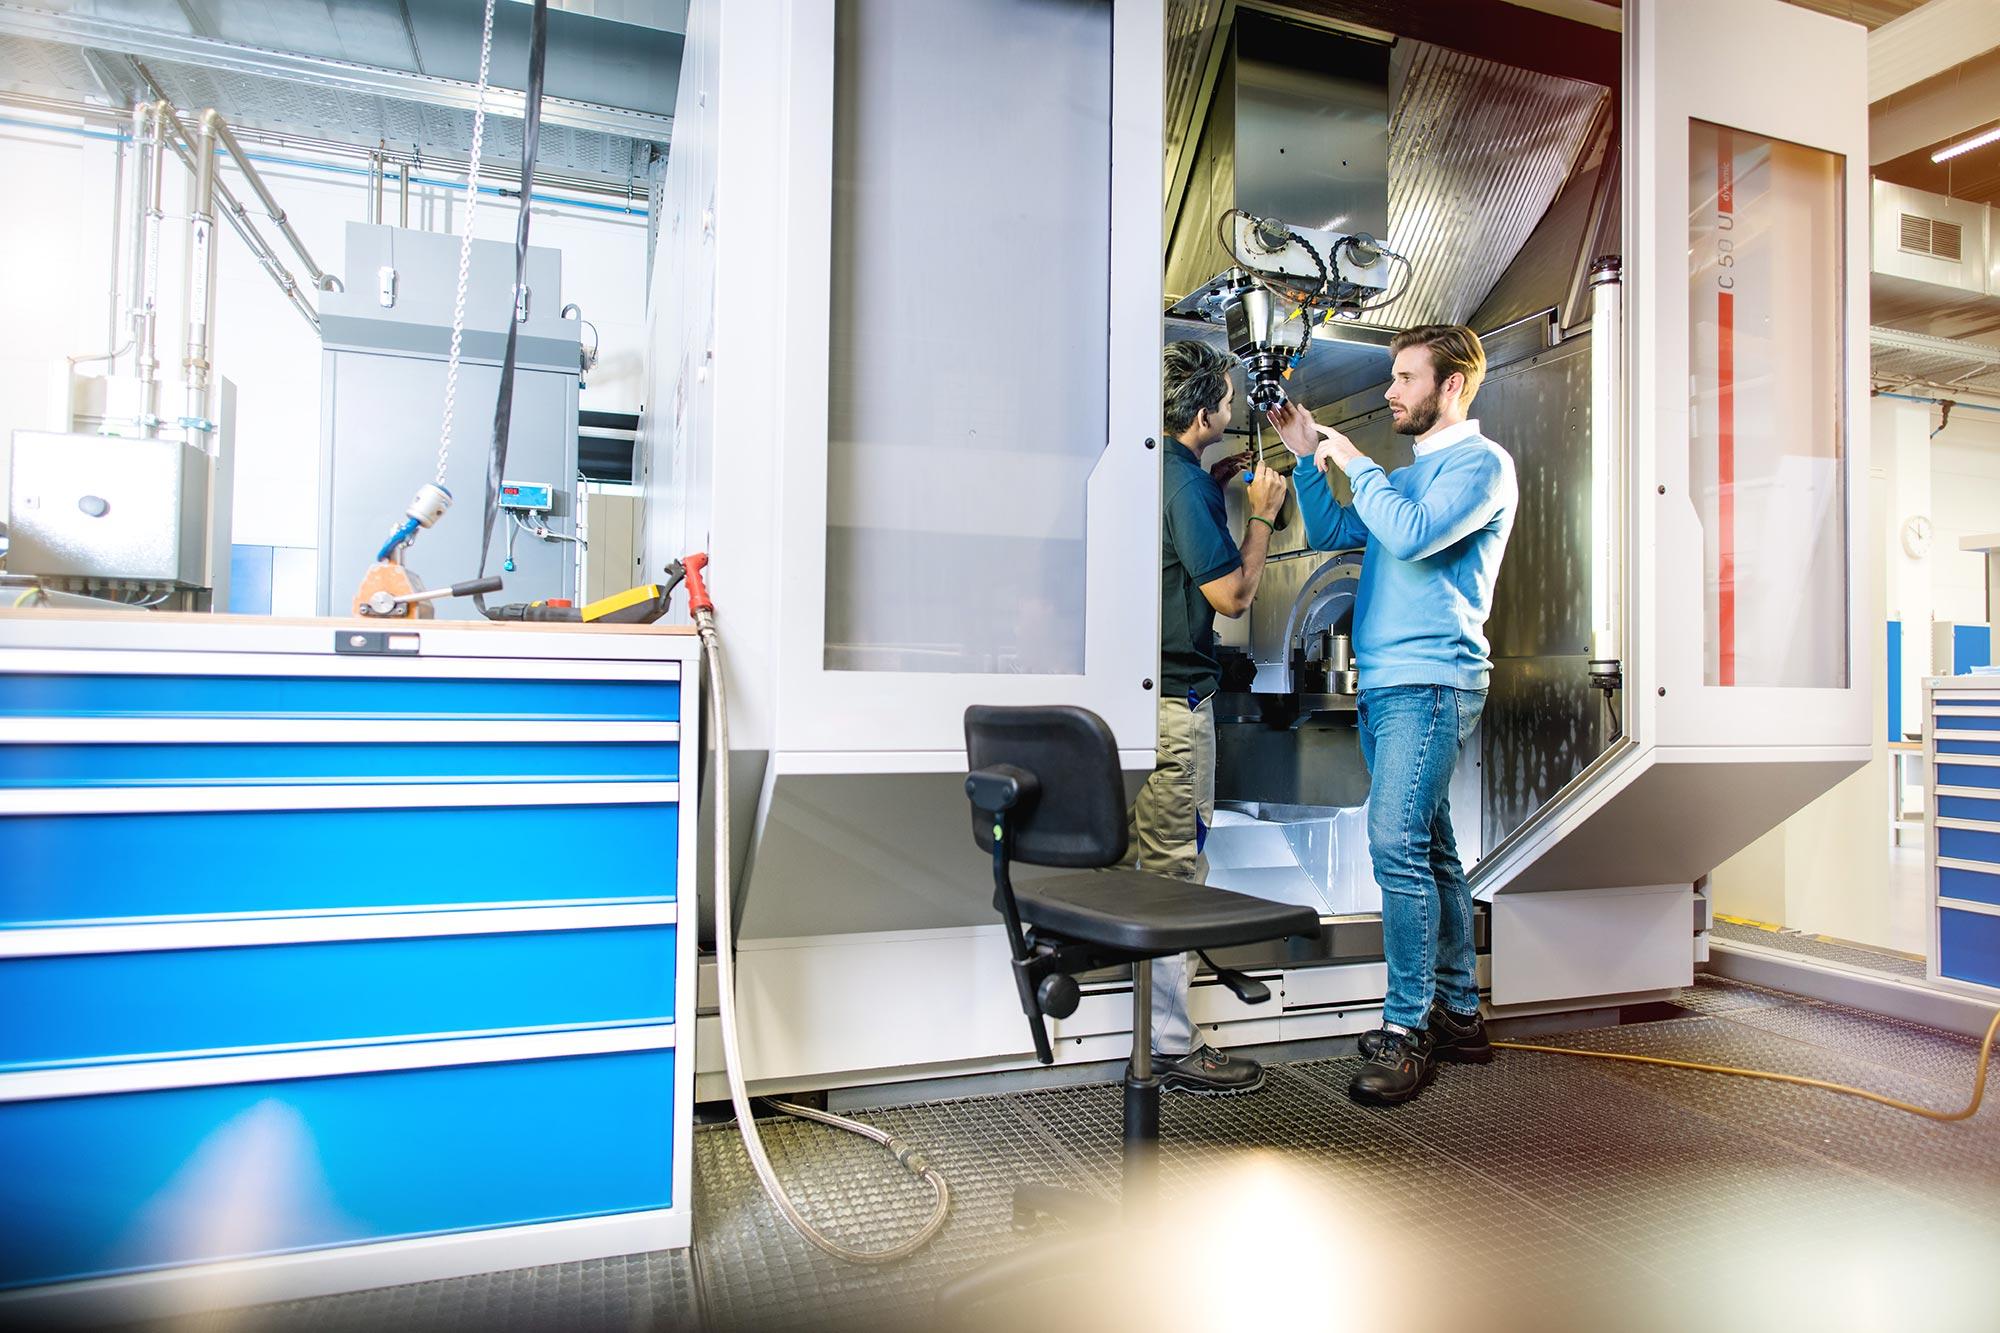 SECO-TOOLS-Global Communication Mitarbeiter der Produktion und Kunde sprechen konzentriert mit Werkzeug vor der CNC Maschine